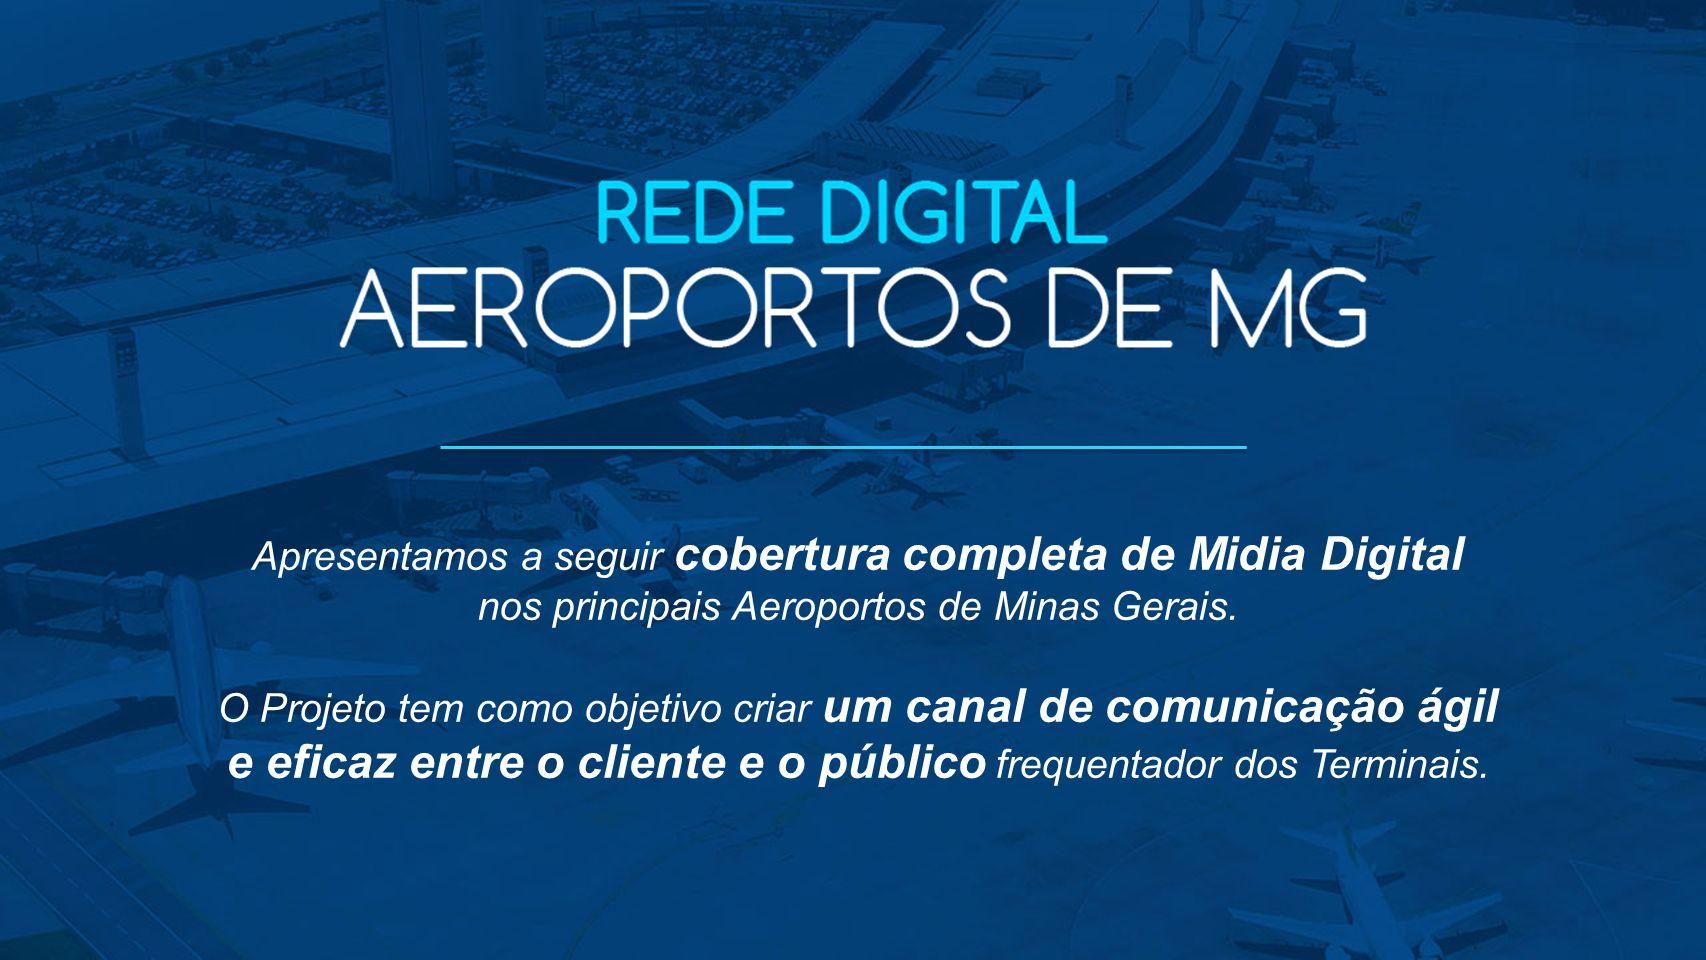 R$30.000,00 Valor mensal: nº de Testeiras 02 Maior painel digital do aeroporto, cada testeira digital é composta por 16 LCDS.